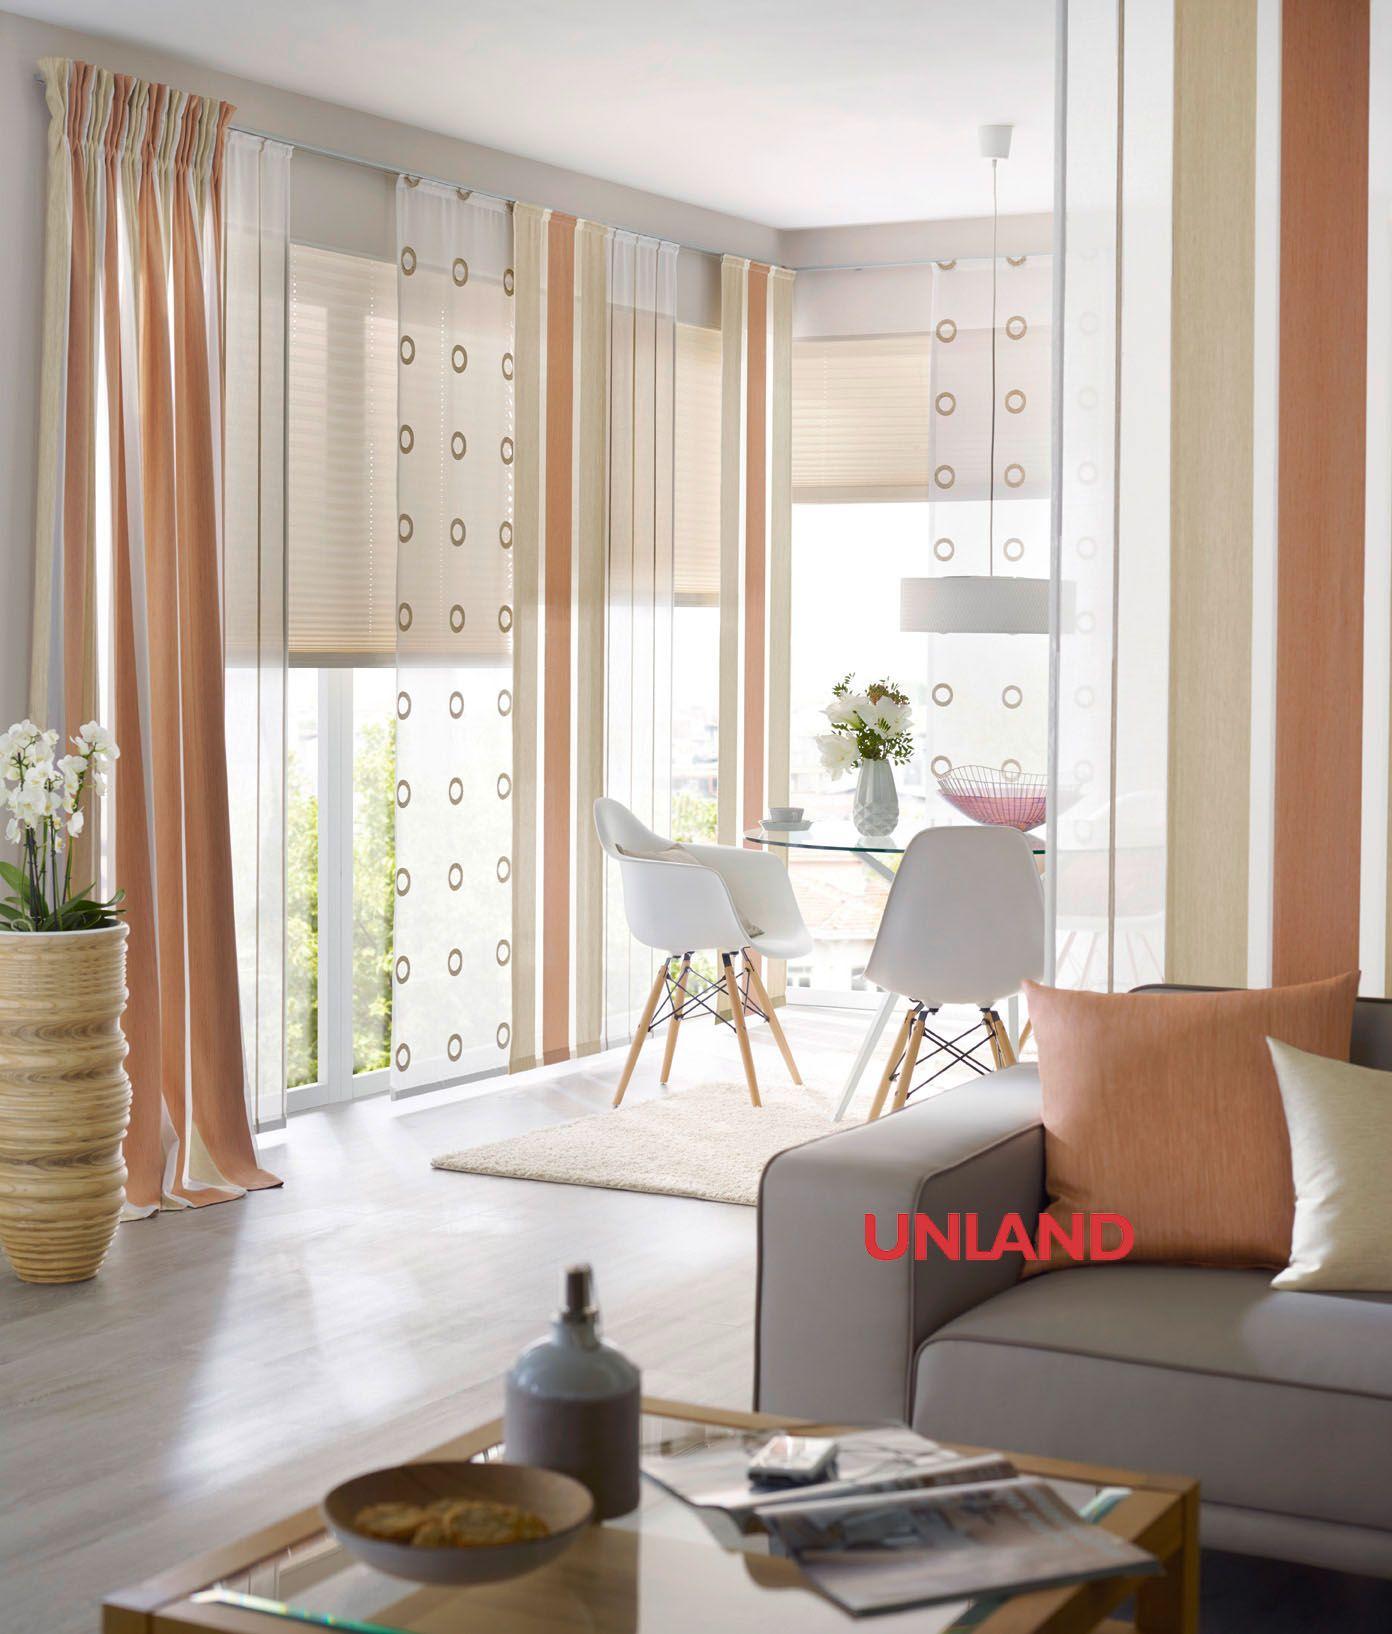 Fenster Gardinen Roller: Unland NewKarmin, Vorhang, Fensterideen, Gardinen Und